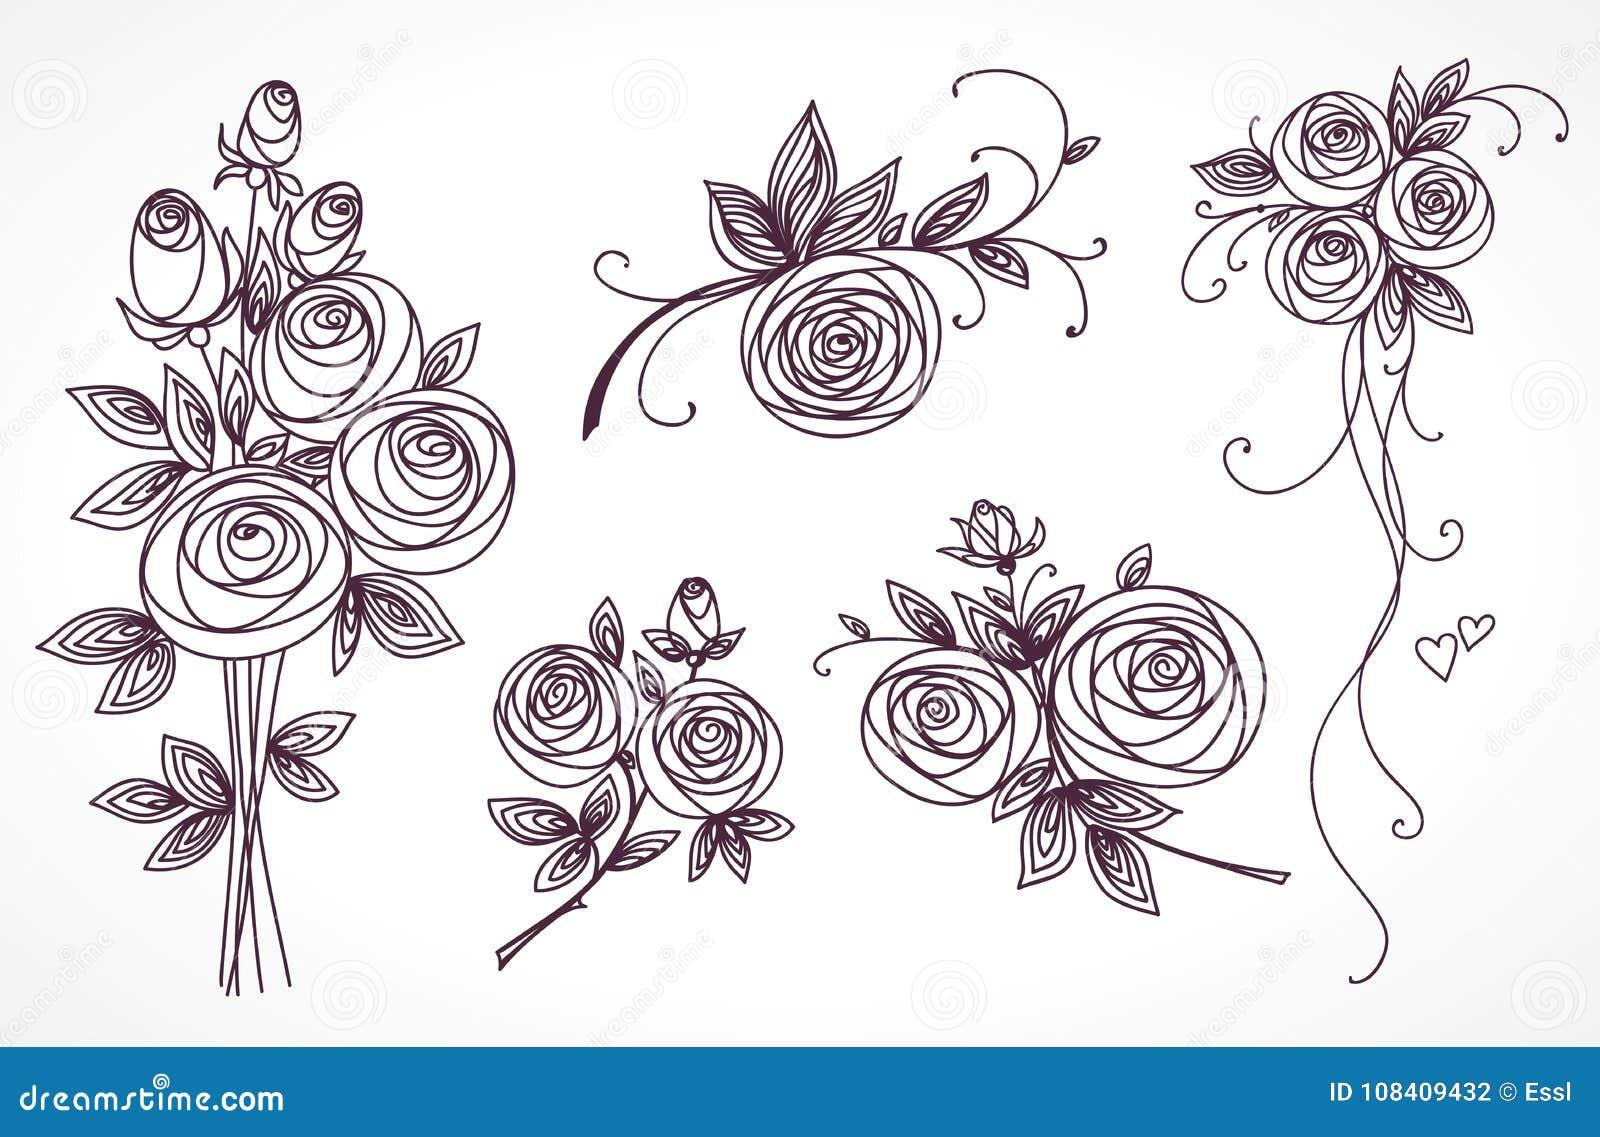 Les Roses Ont Placé Collection De Bouquets De Roses Dessin